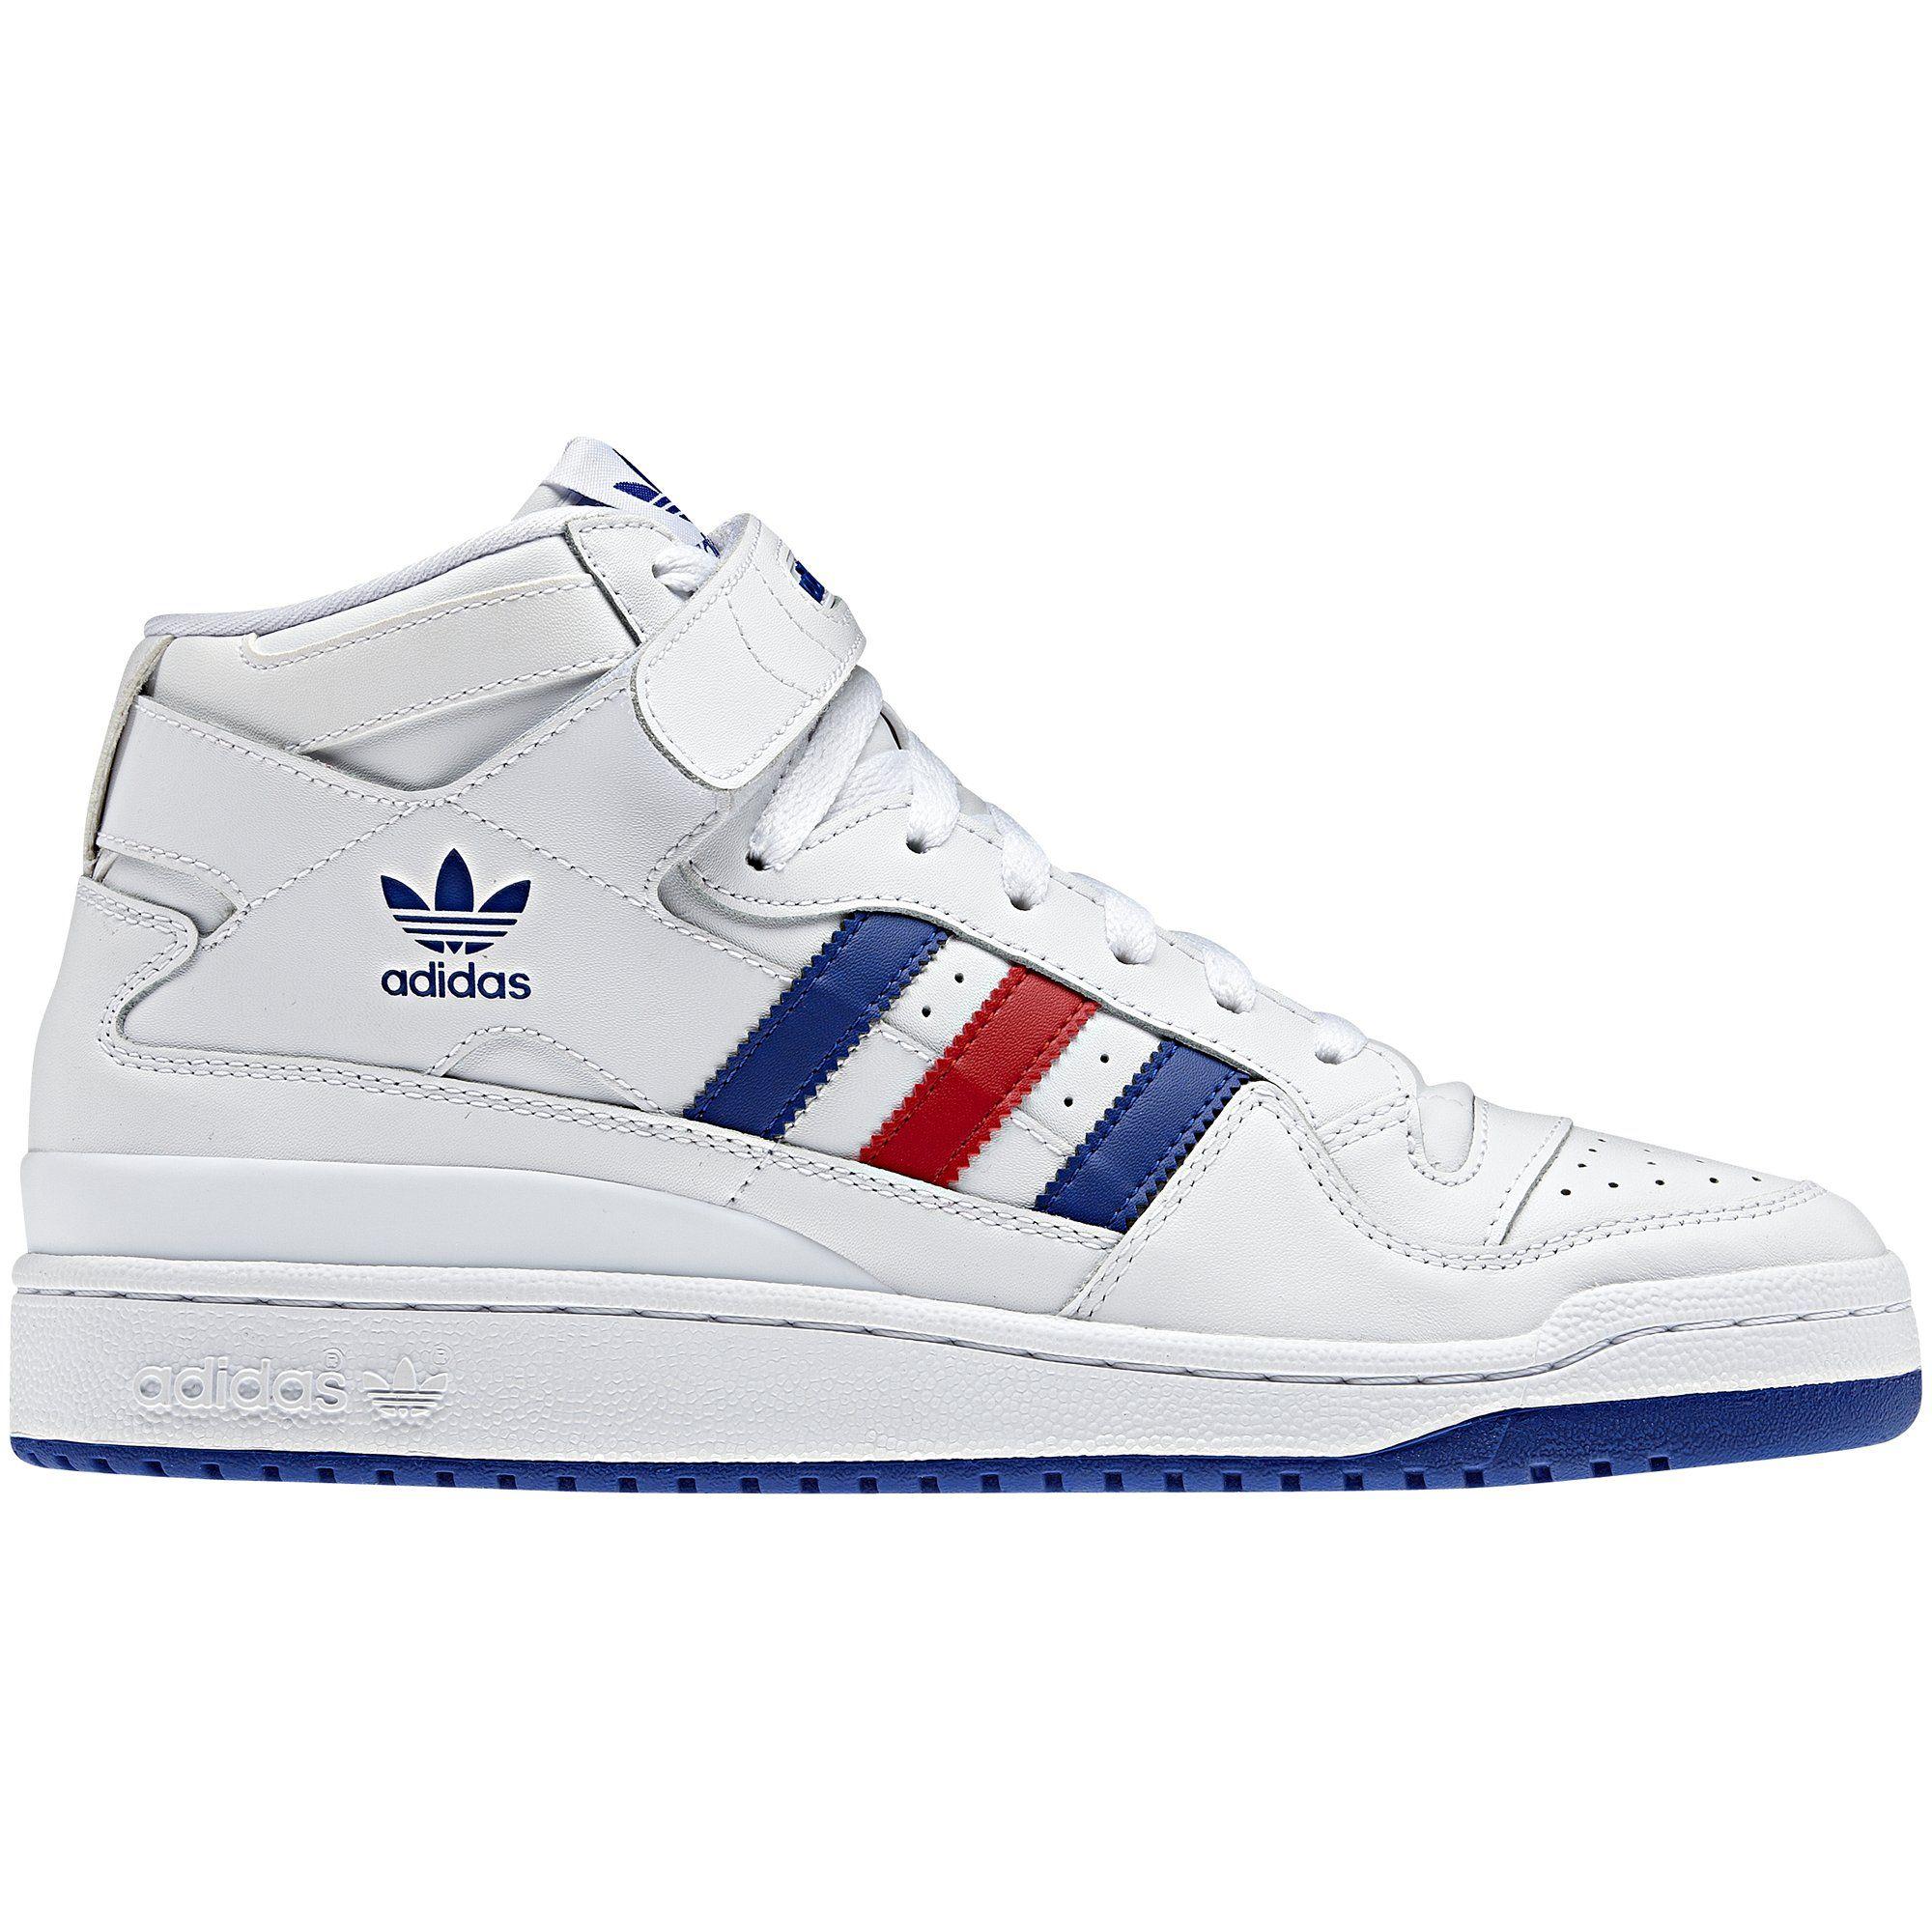 separation shoes d8da6 90472 Adidas Originals Mens Forum Mid, White  Collegiate Red  Collegiate Royal